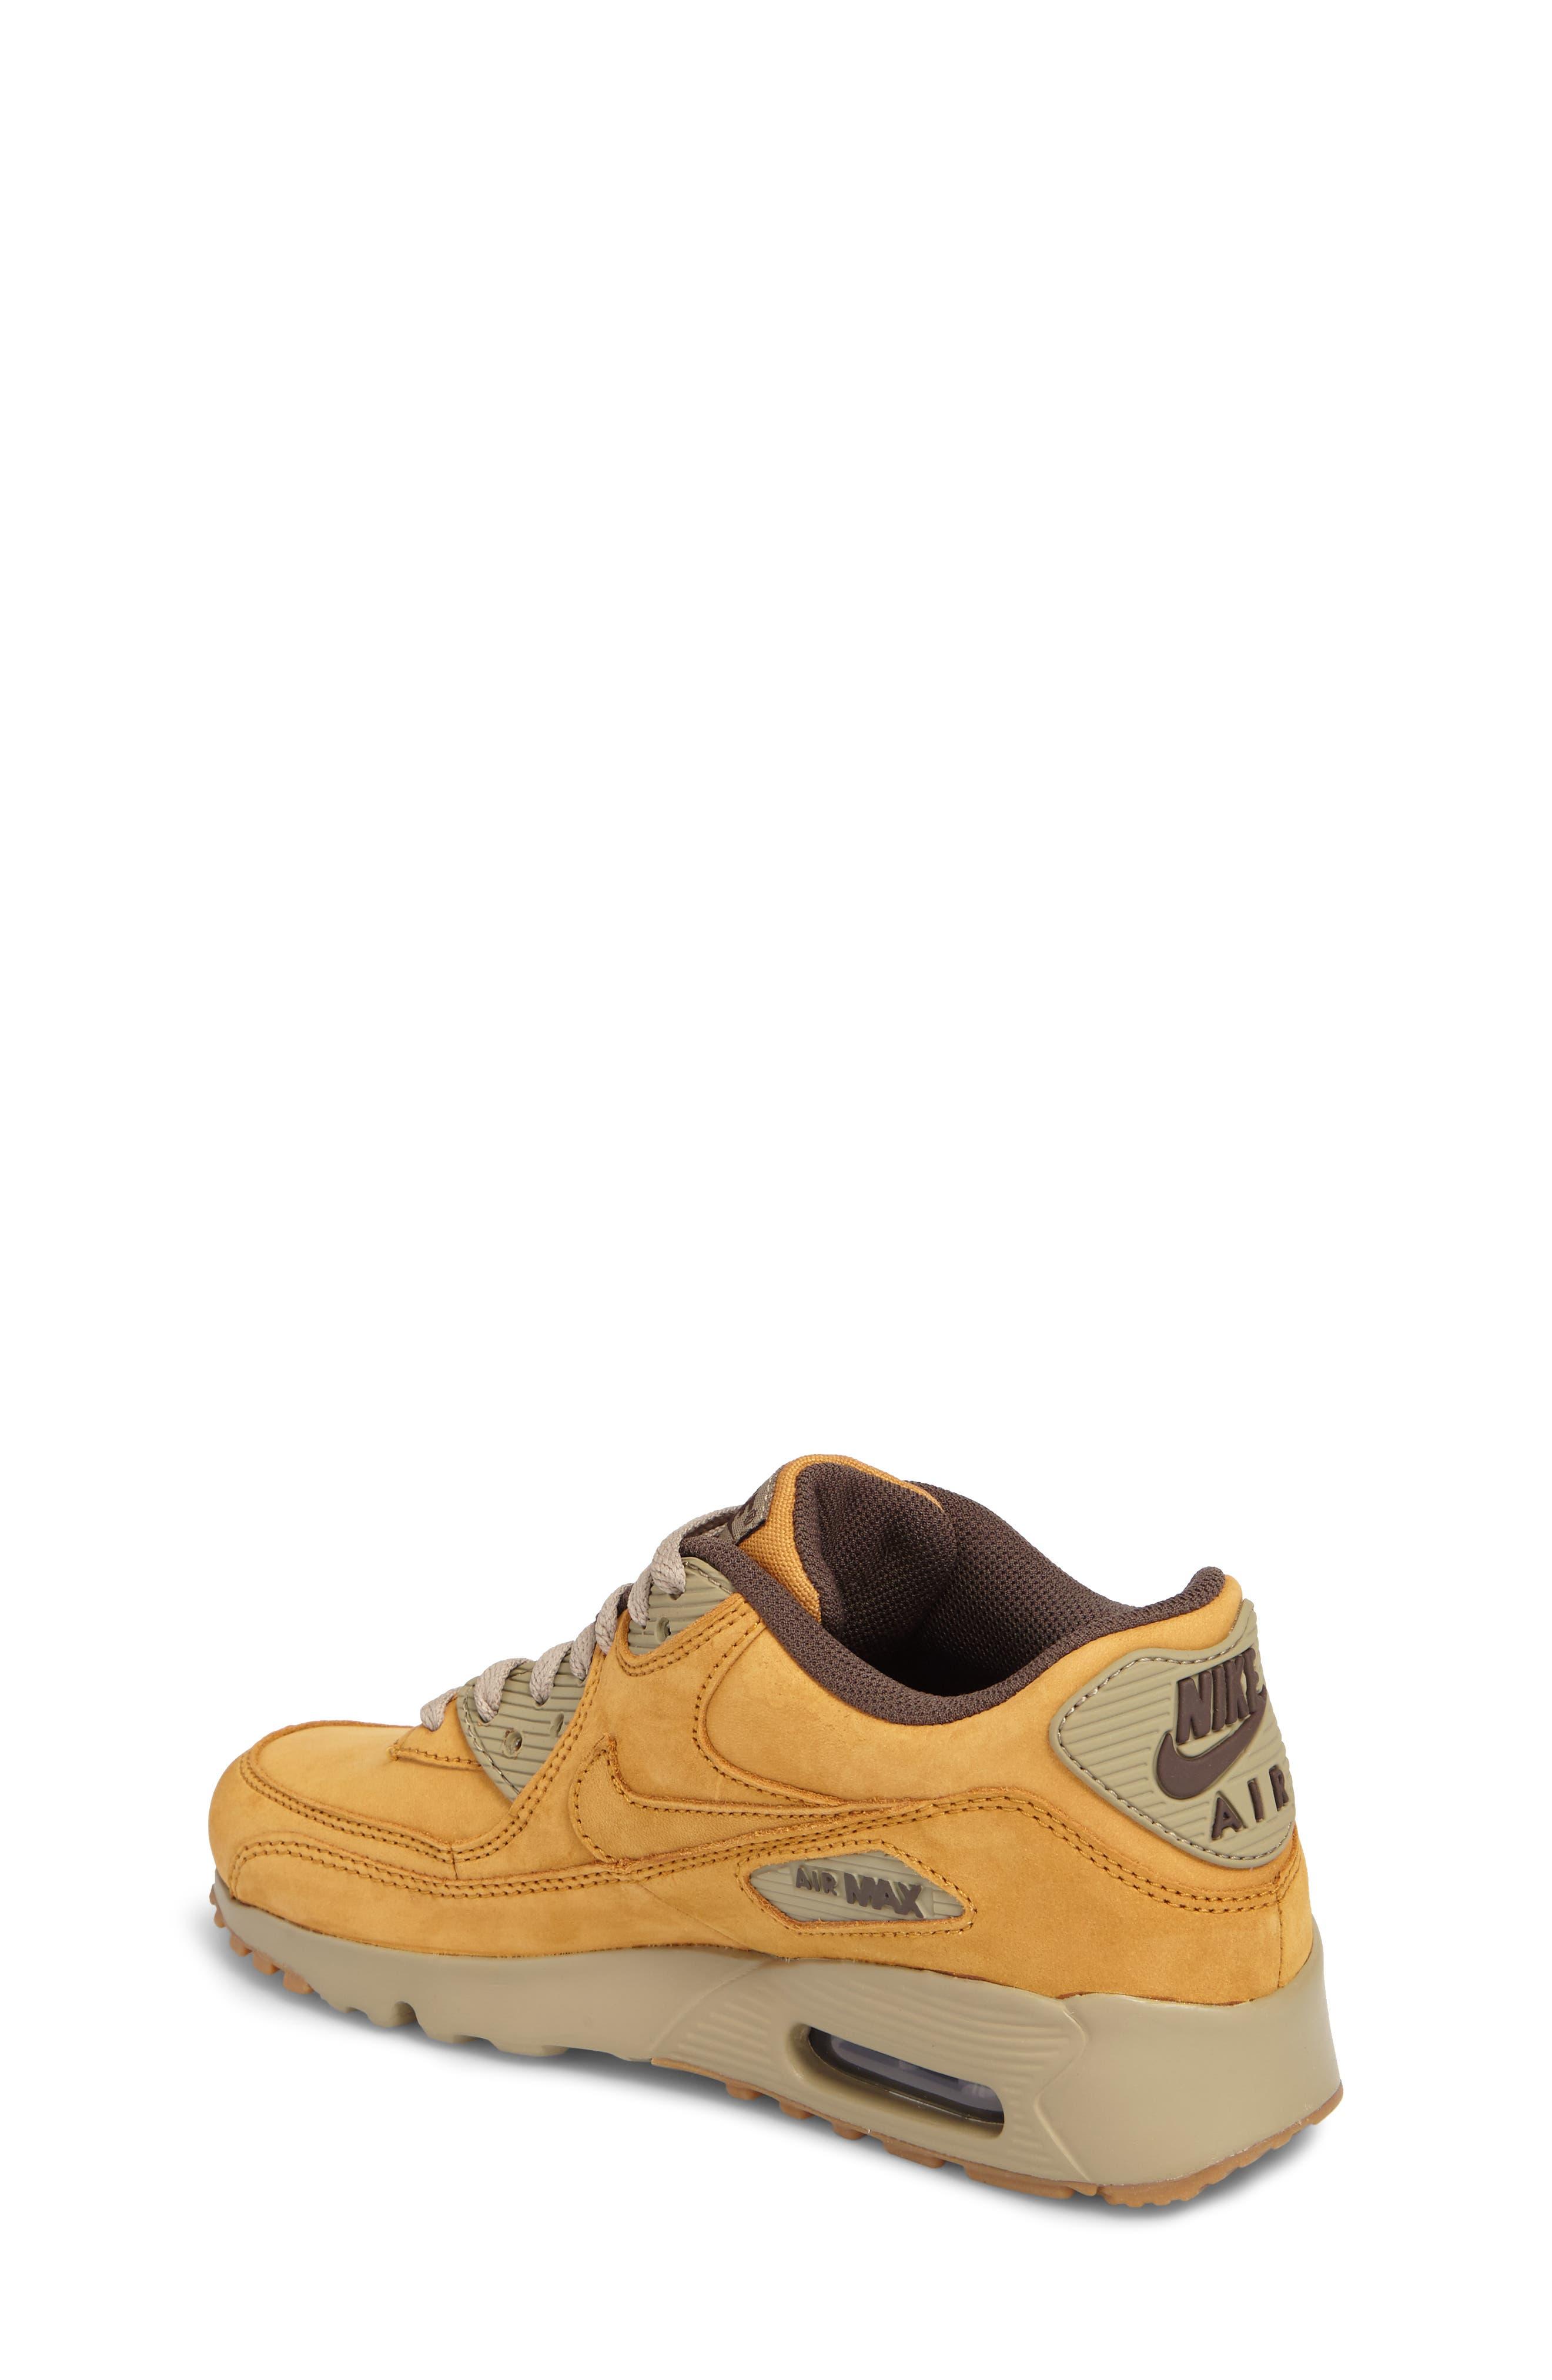 Air Max 90 Winter Premium Sneaker,                             Alternate thumbnail 2, color,                             BRONZE